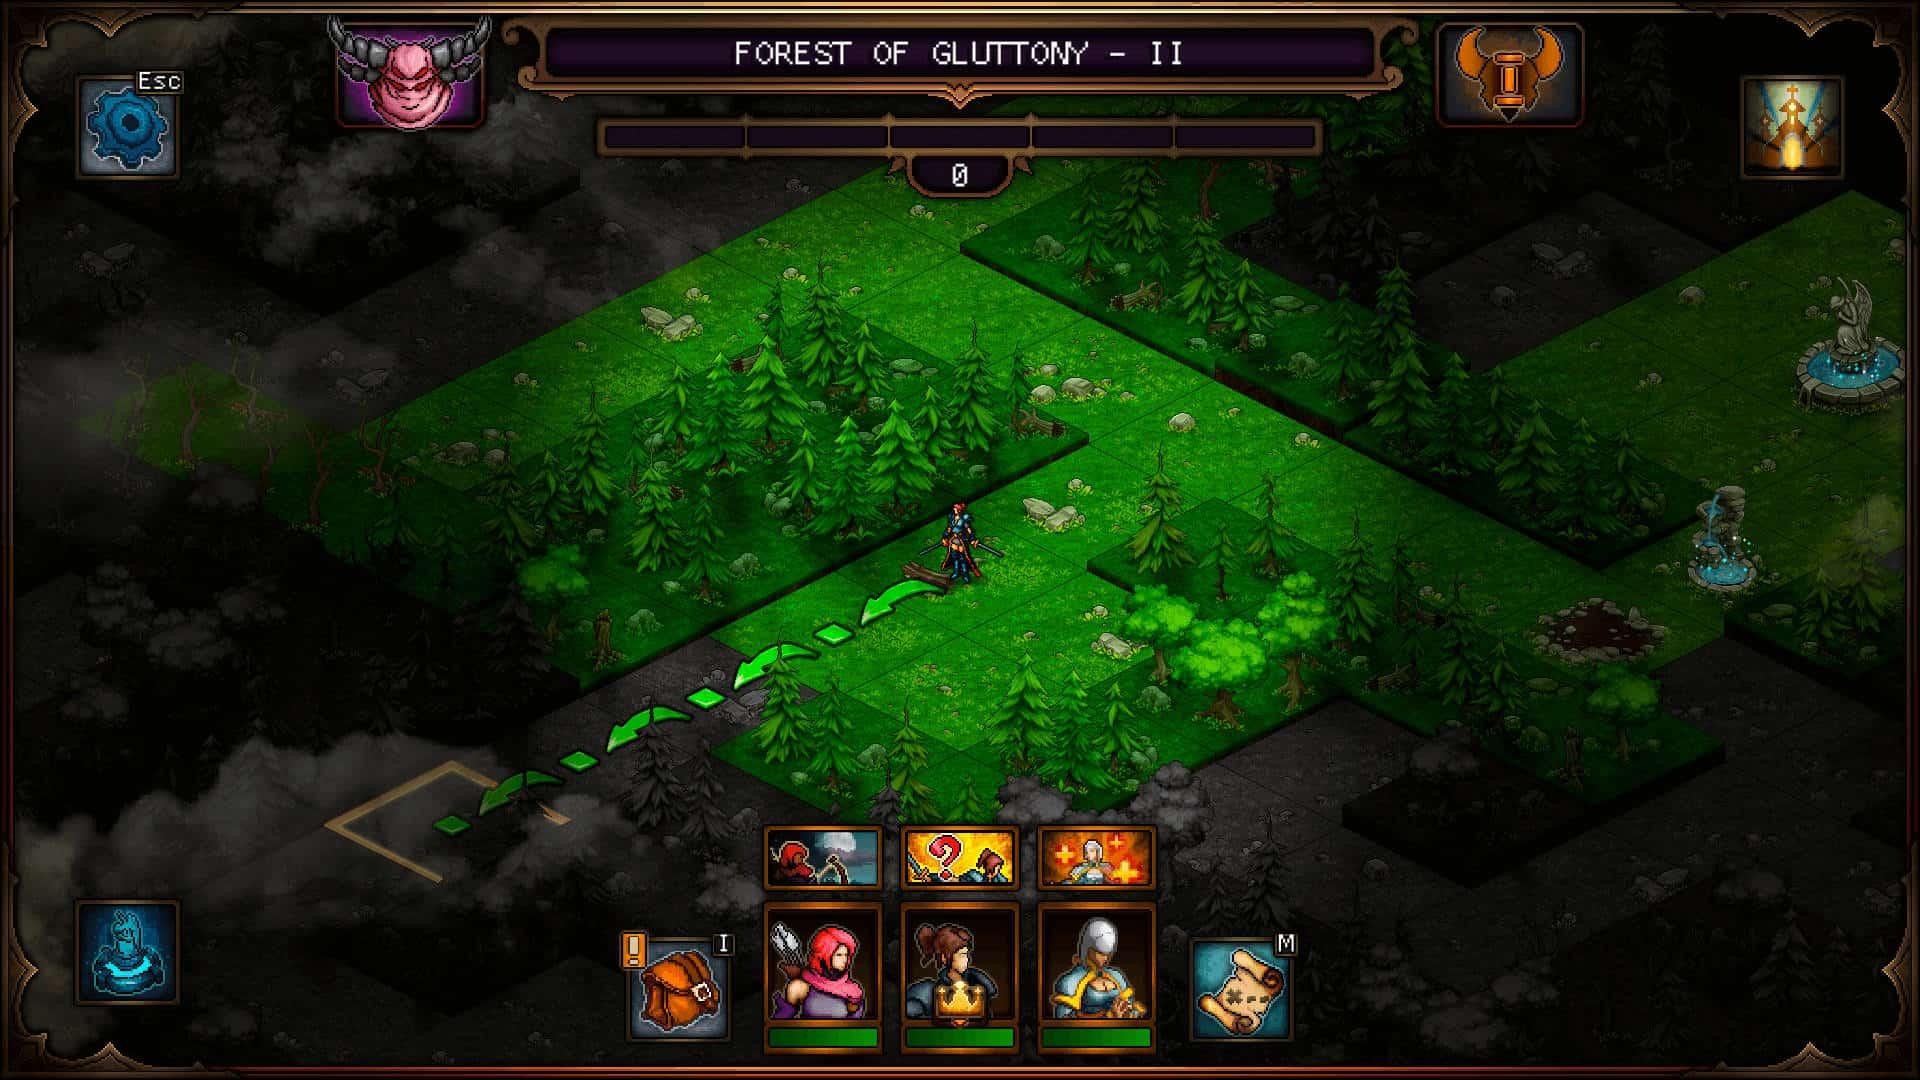 Mappa di gioco dell'area Forest of Gluttony, una delle sotto aree di Sin Slayers.